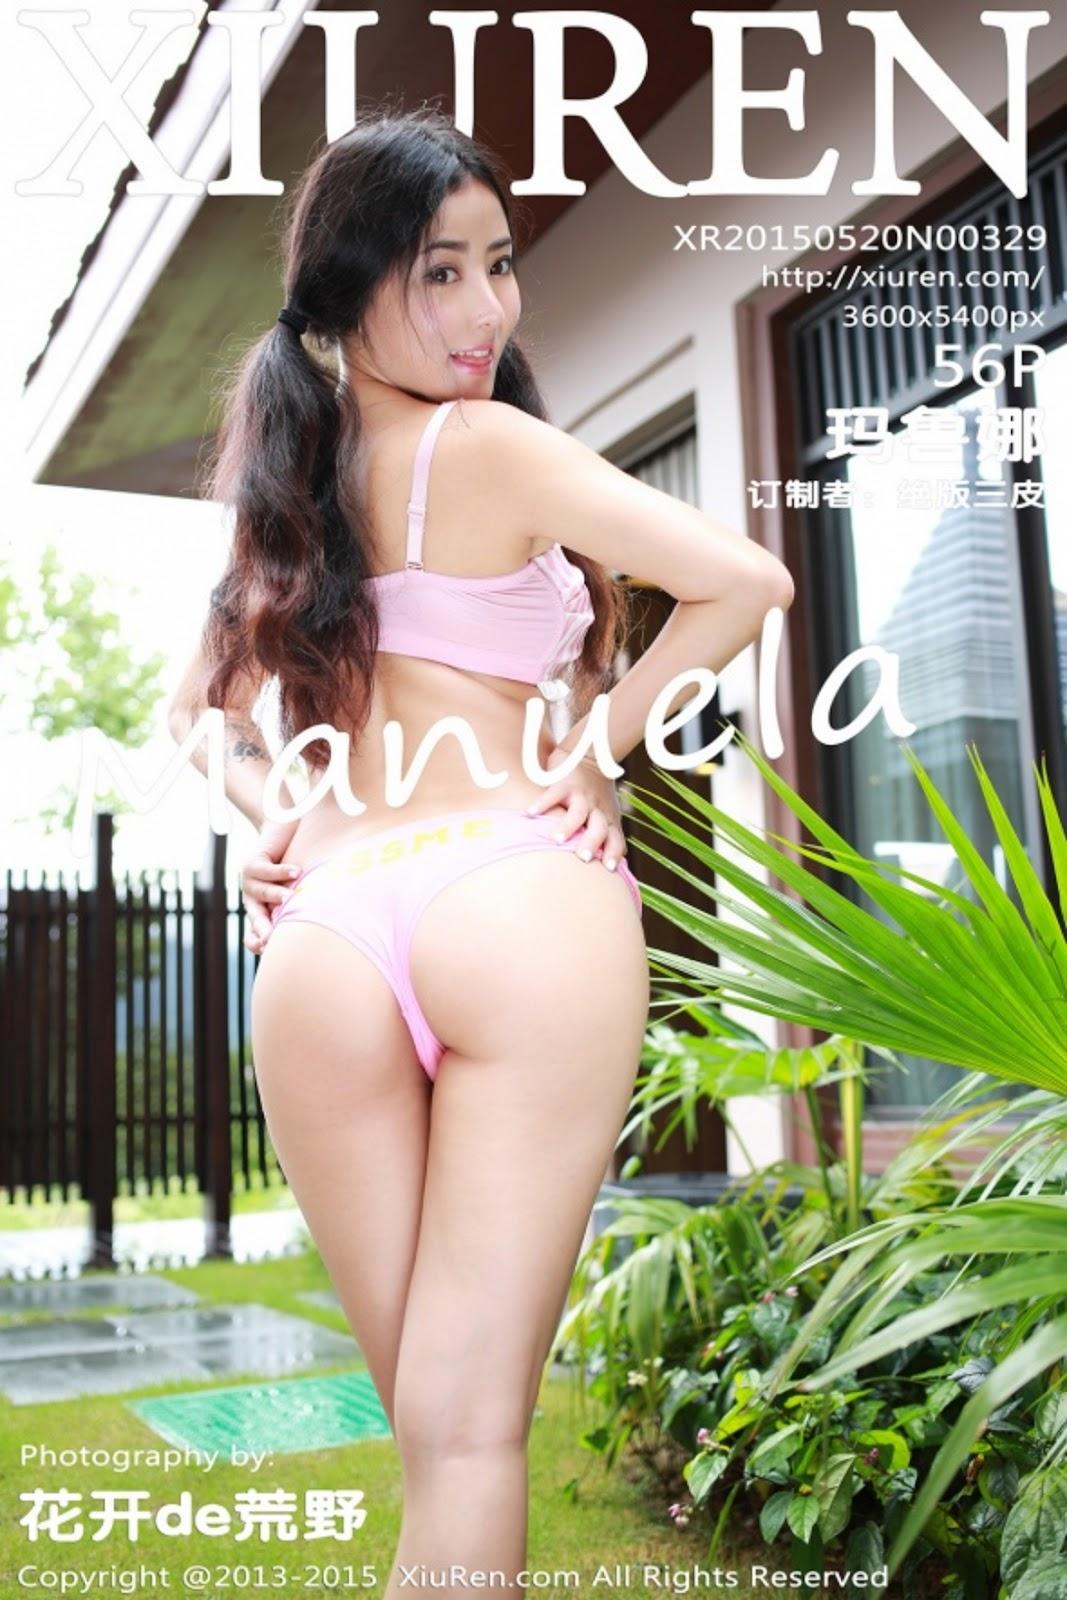 cover329 - Hot Photo XIUREN NO.329 Nude Girl